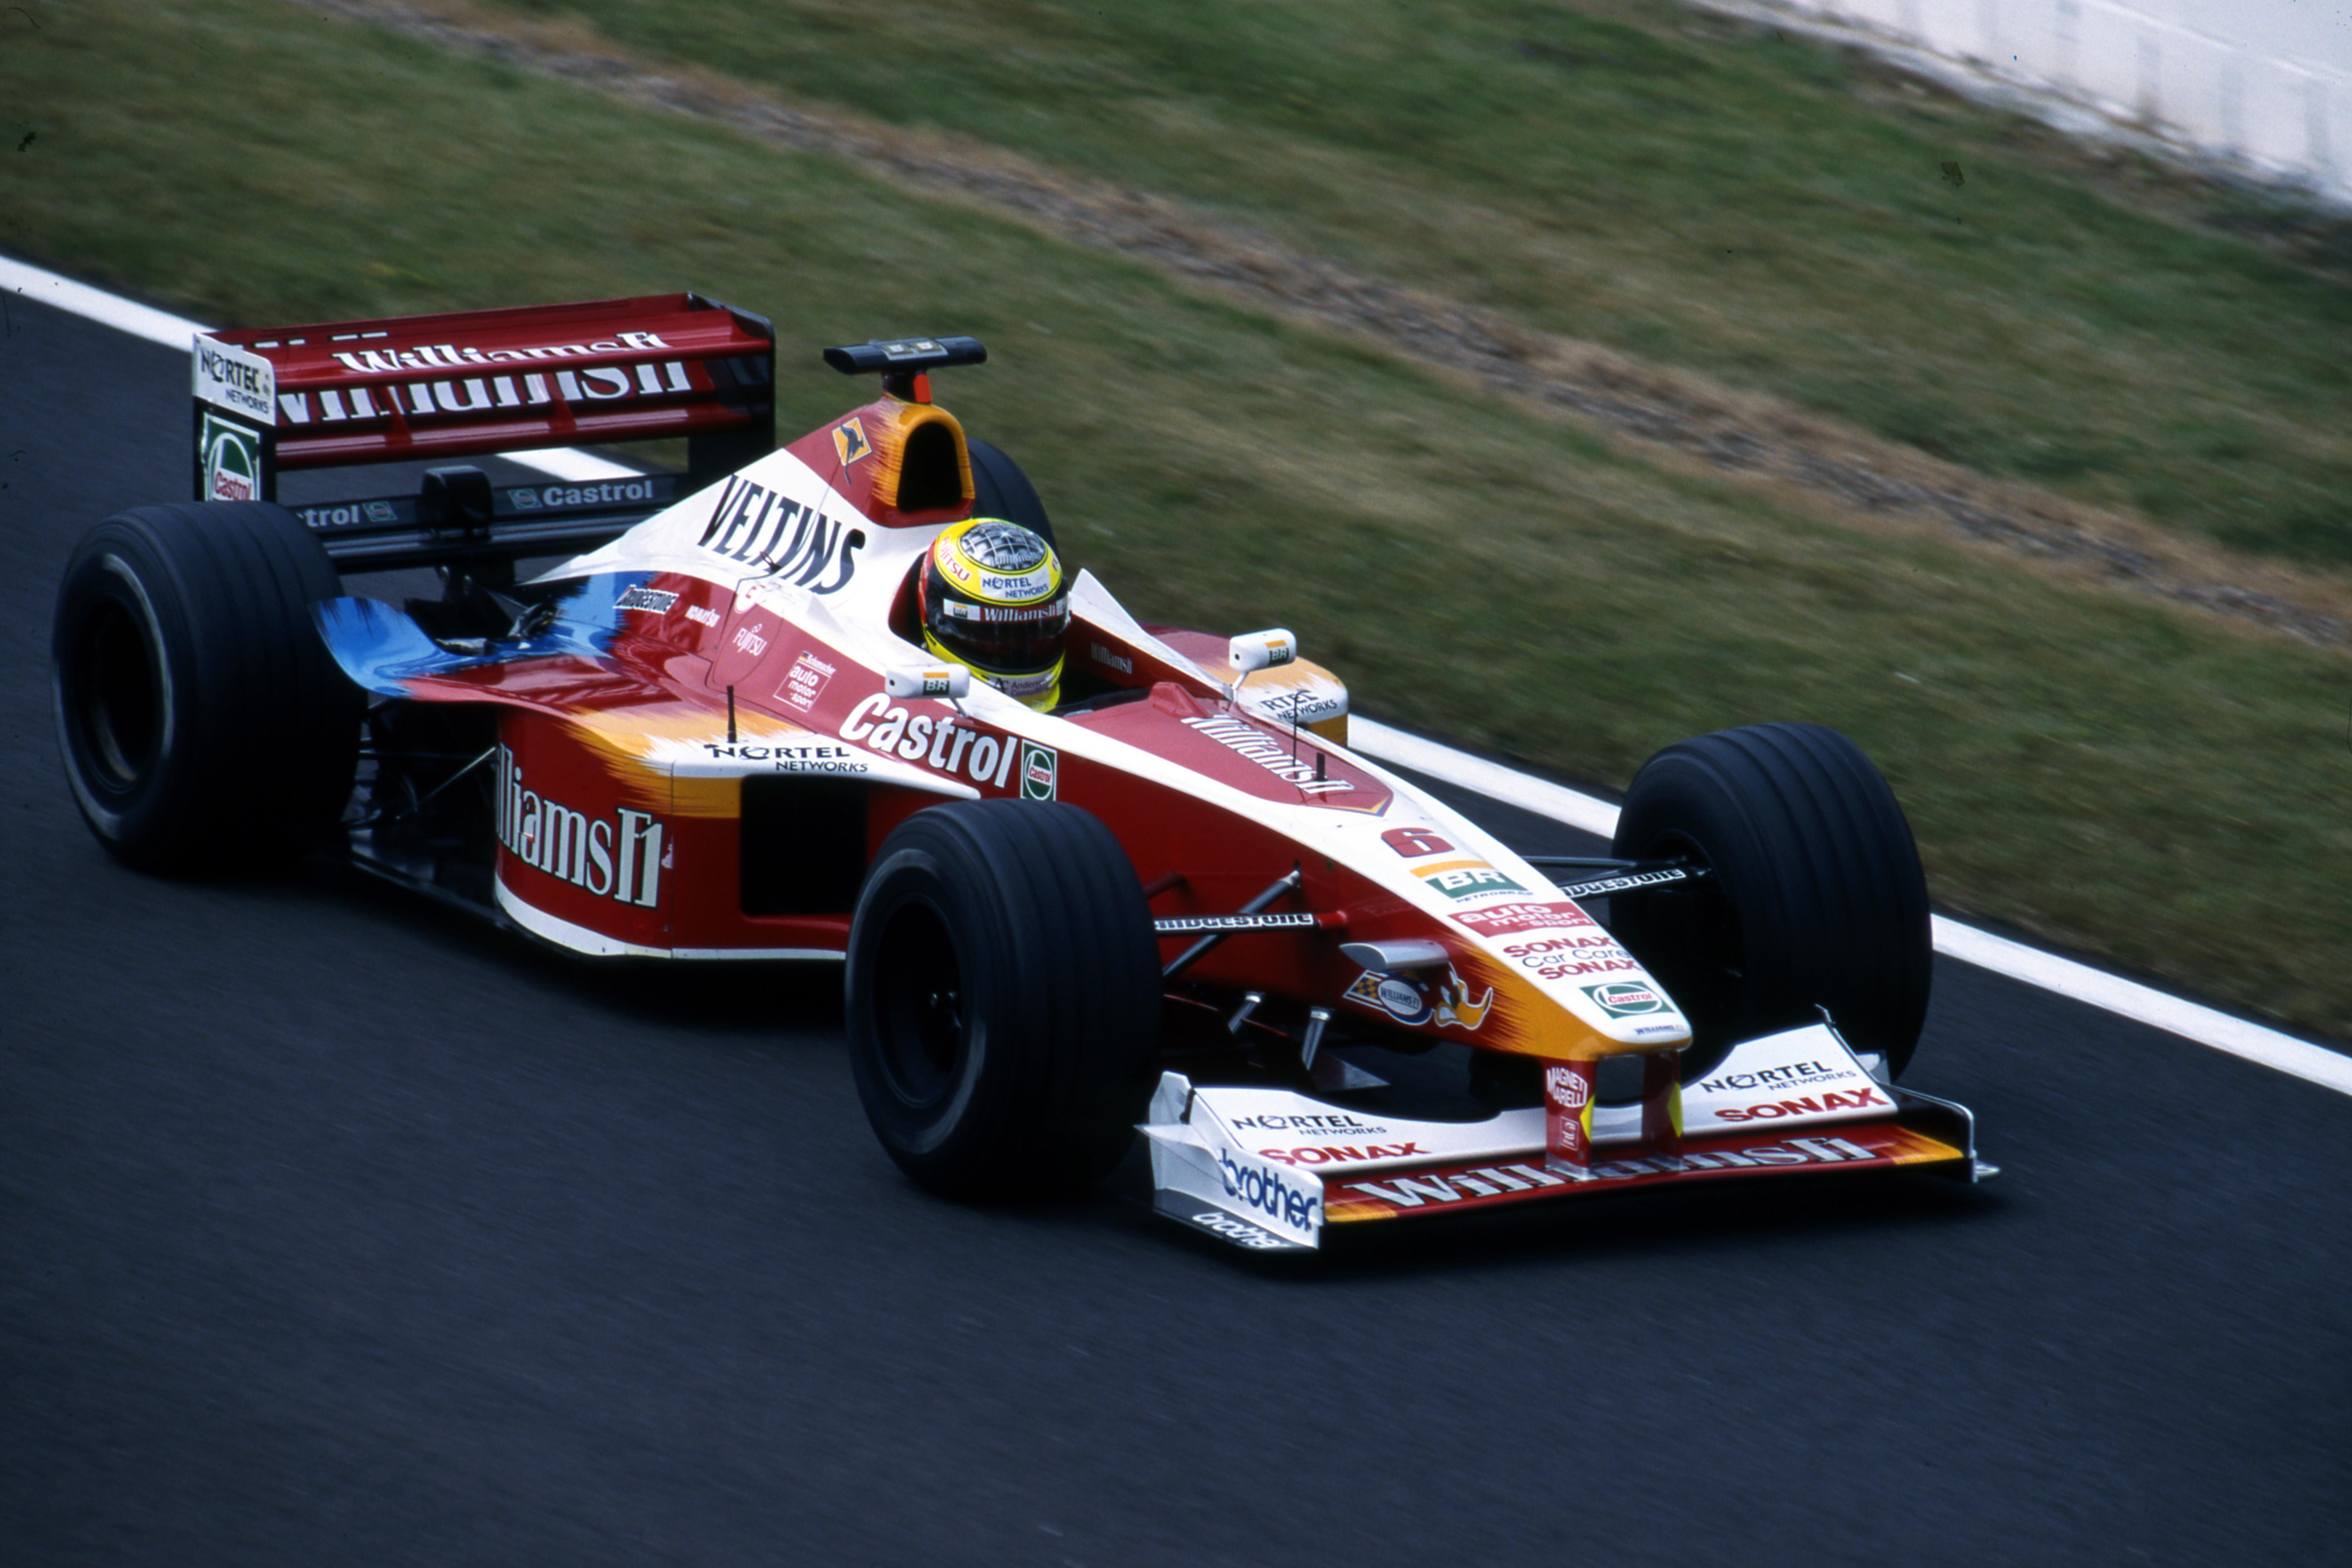 Ralf Schumacher Williams British Grand Prix 1999 Silverstone